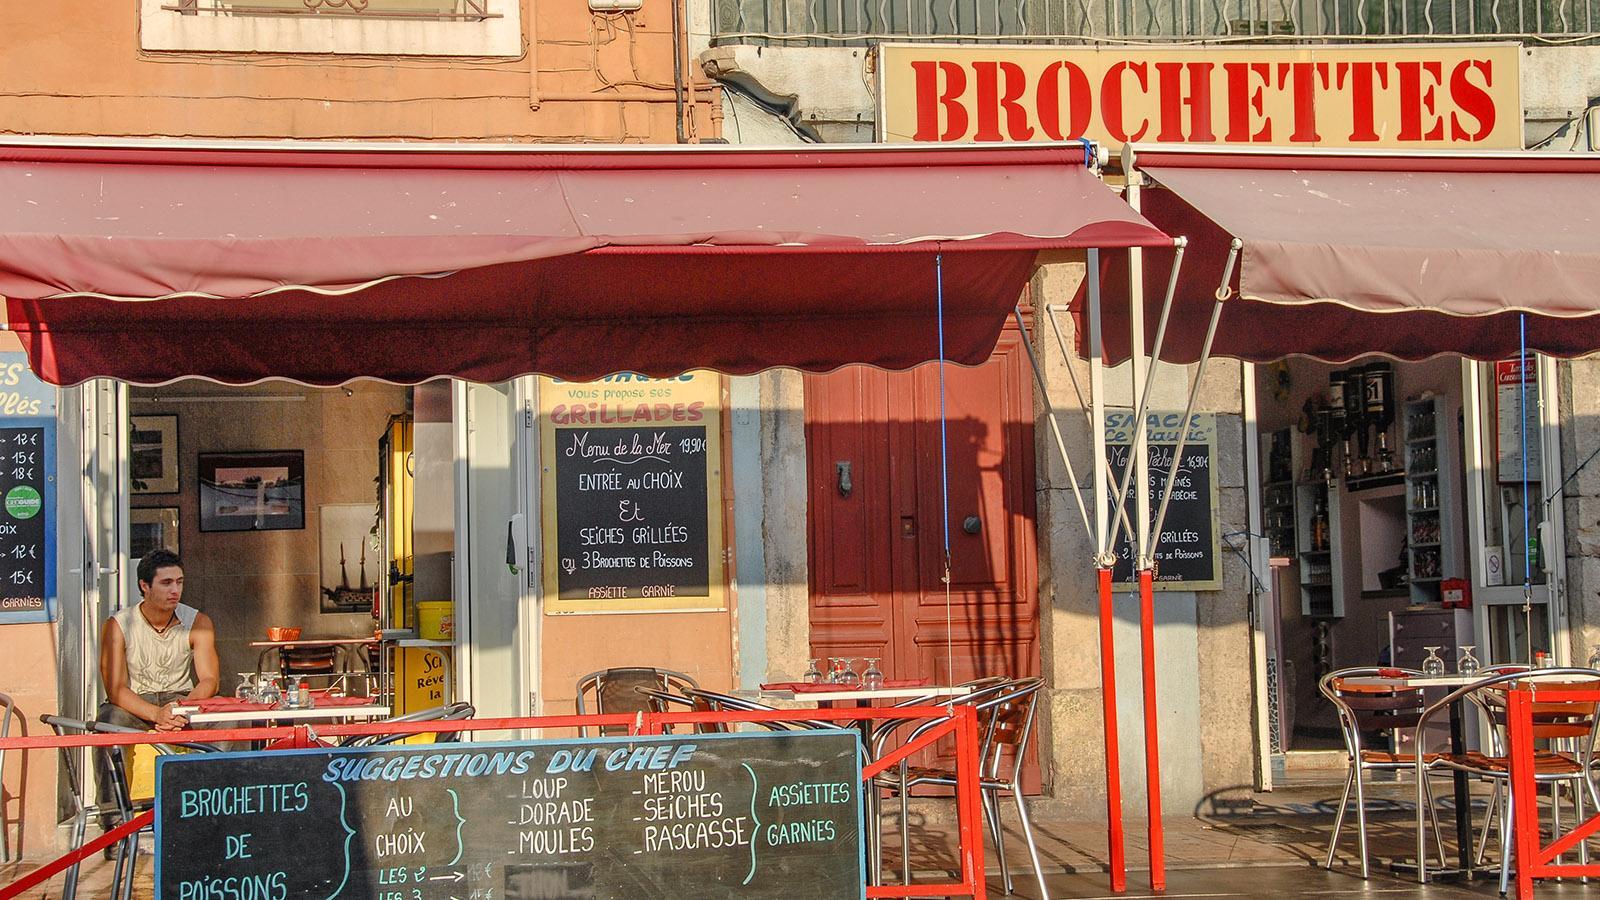 Einfach lecker: Brochette-Grill am Hauptkanal von Sète. Foto: Hilke Maunder